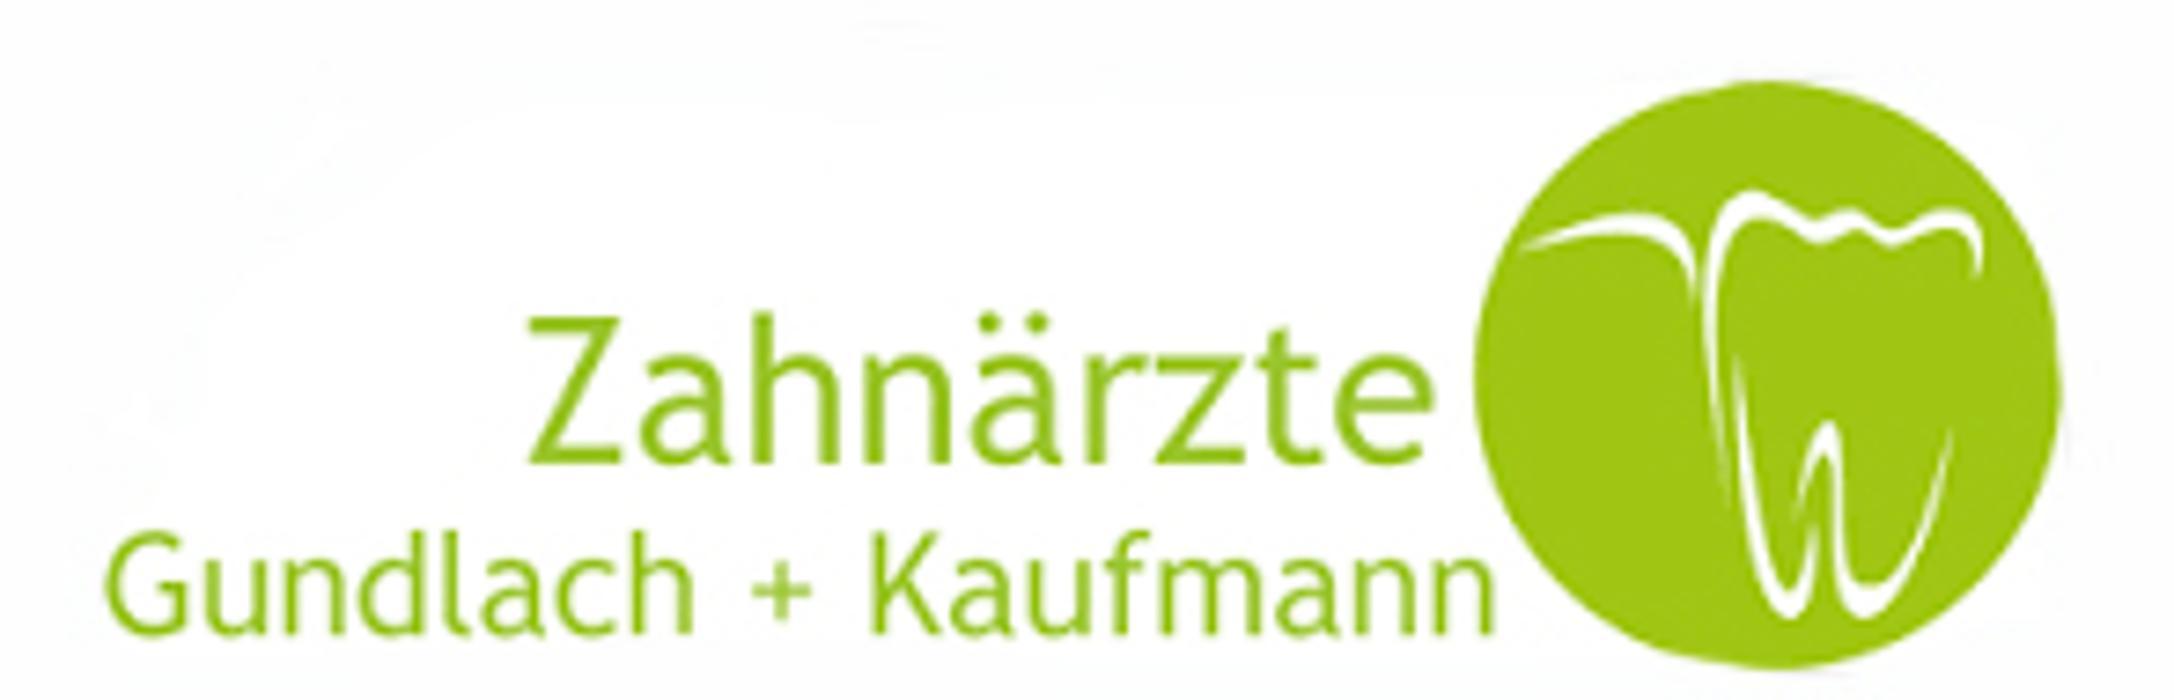 Bild zu Dr. Thomas Gundlach Gabriele Kaufmann, Zahnärzte in Bensheim in Bensheim